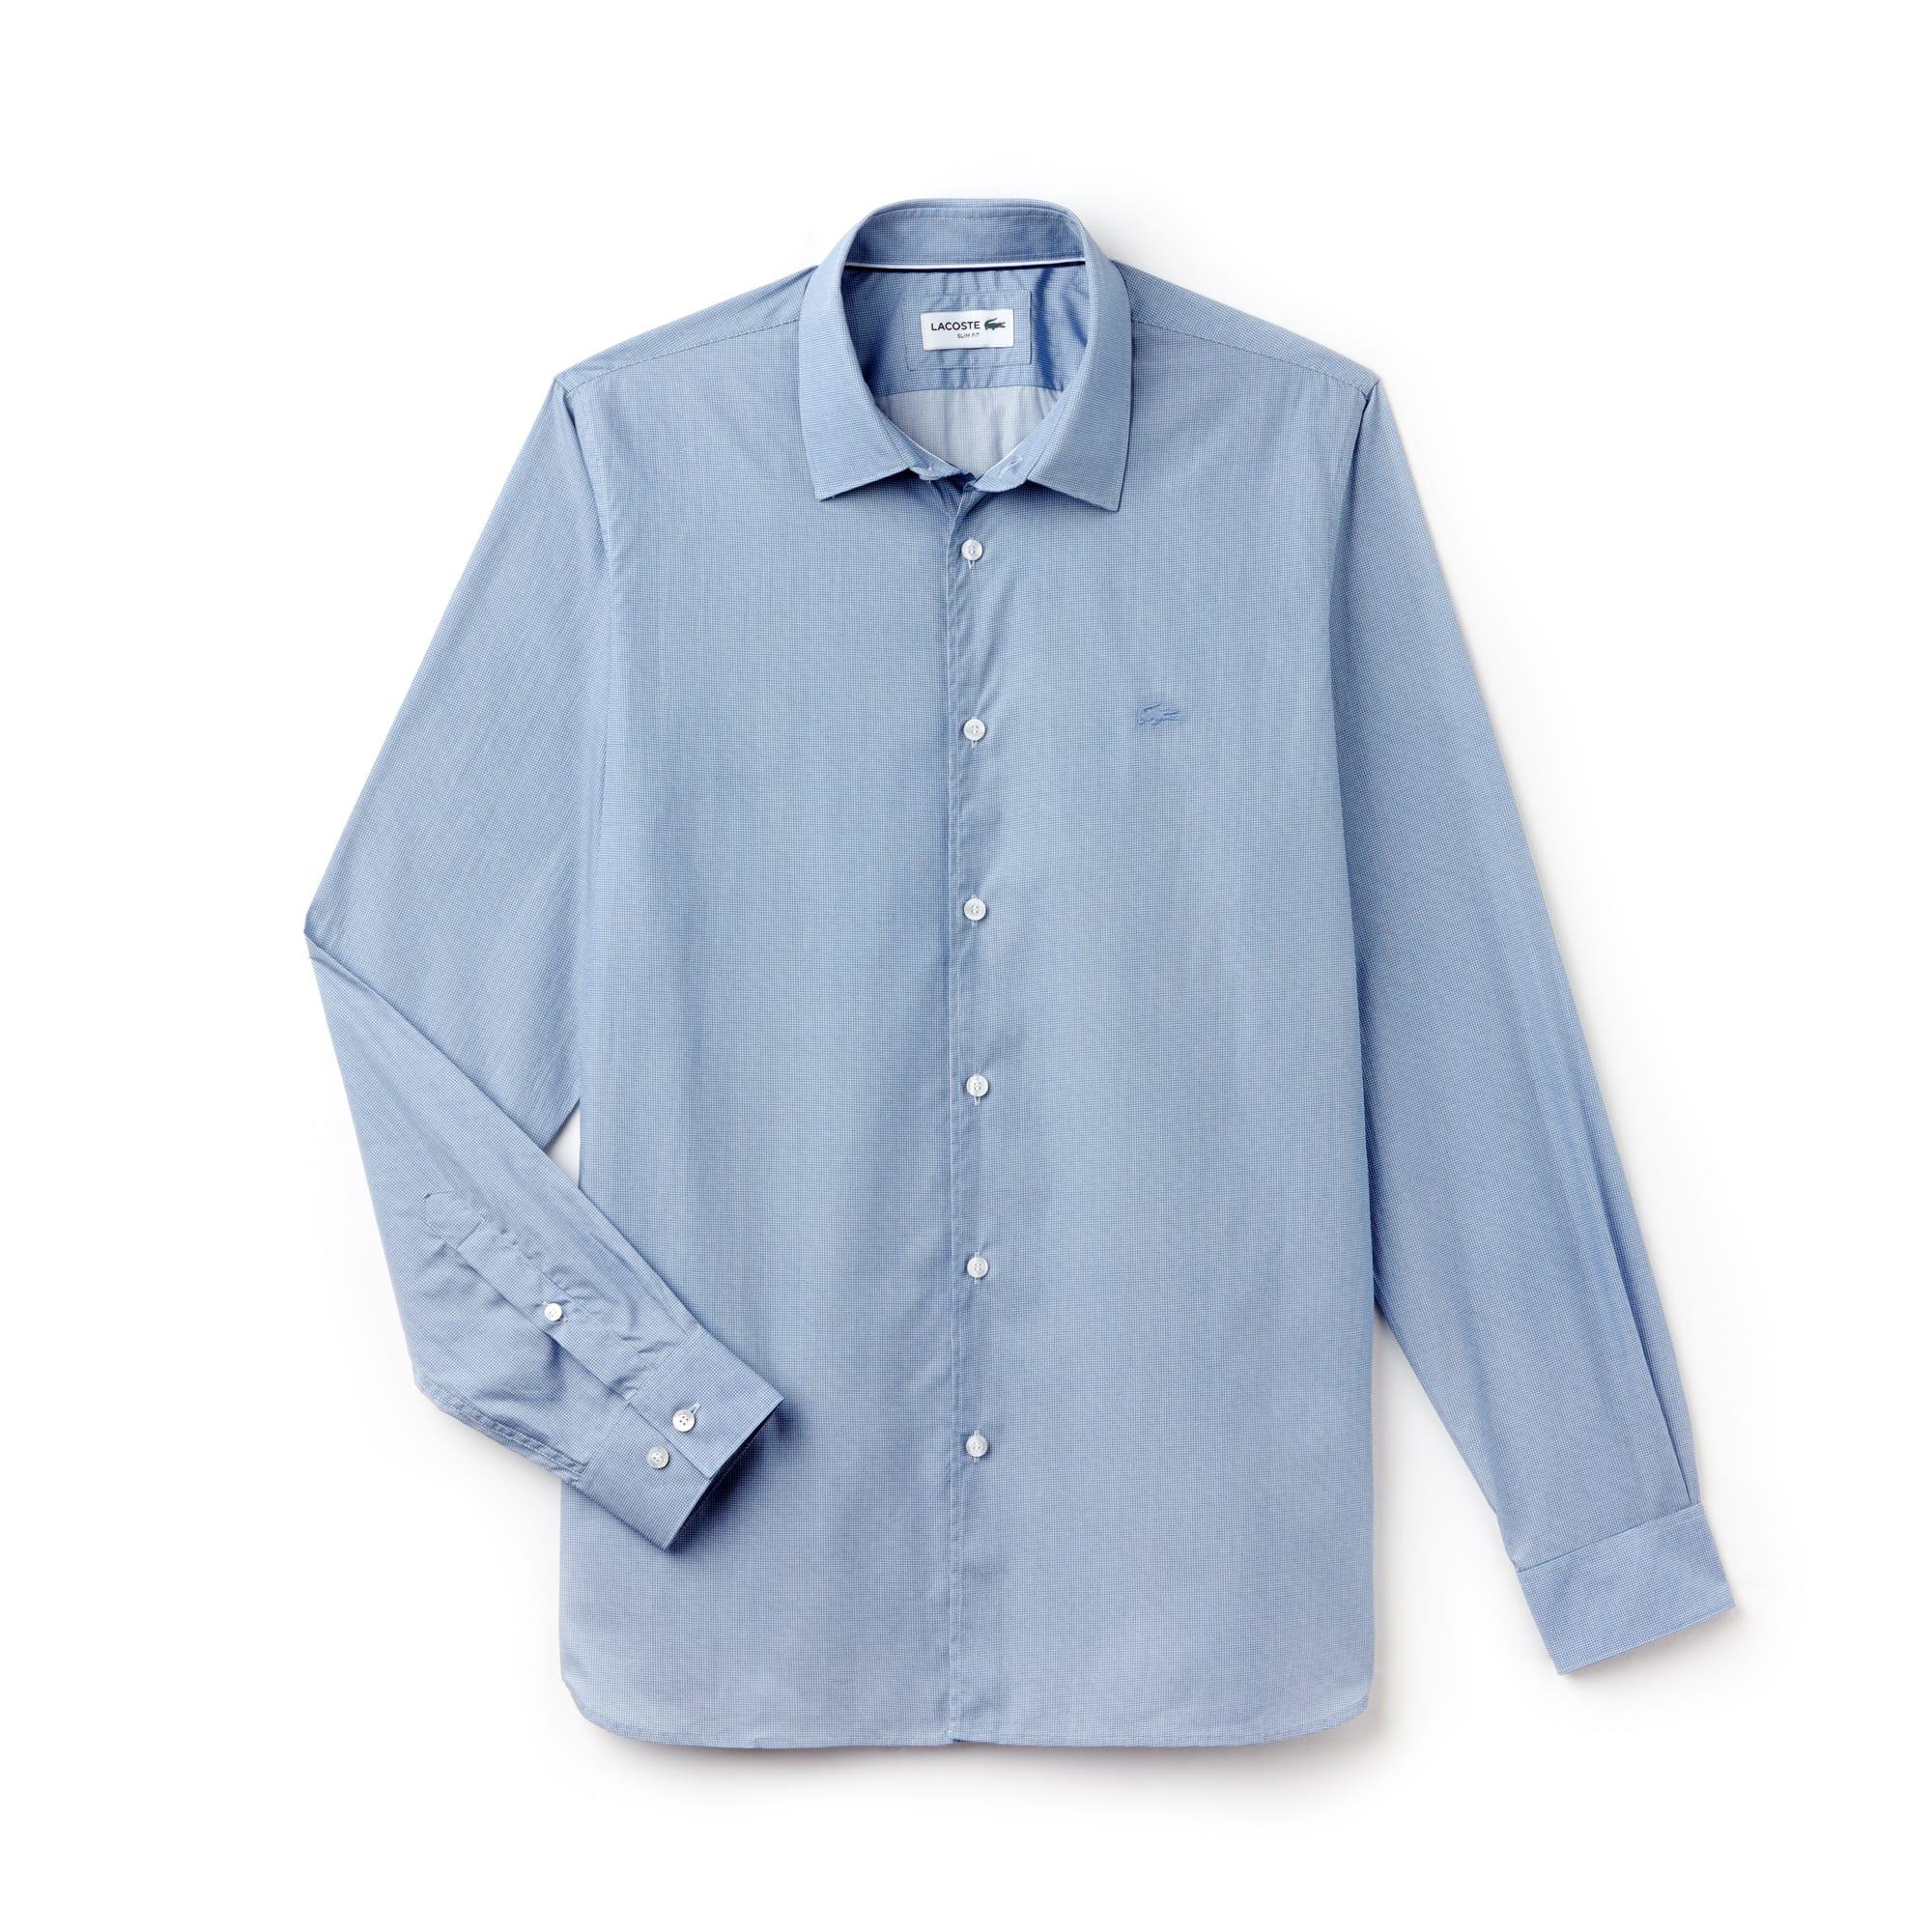 قميص رجالي بقصة ضيقة من قماش الببلين القطني